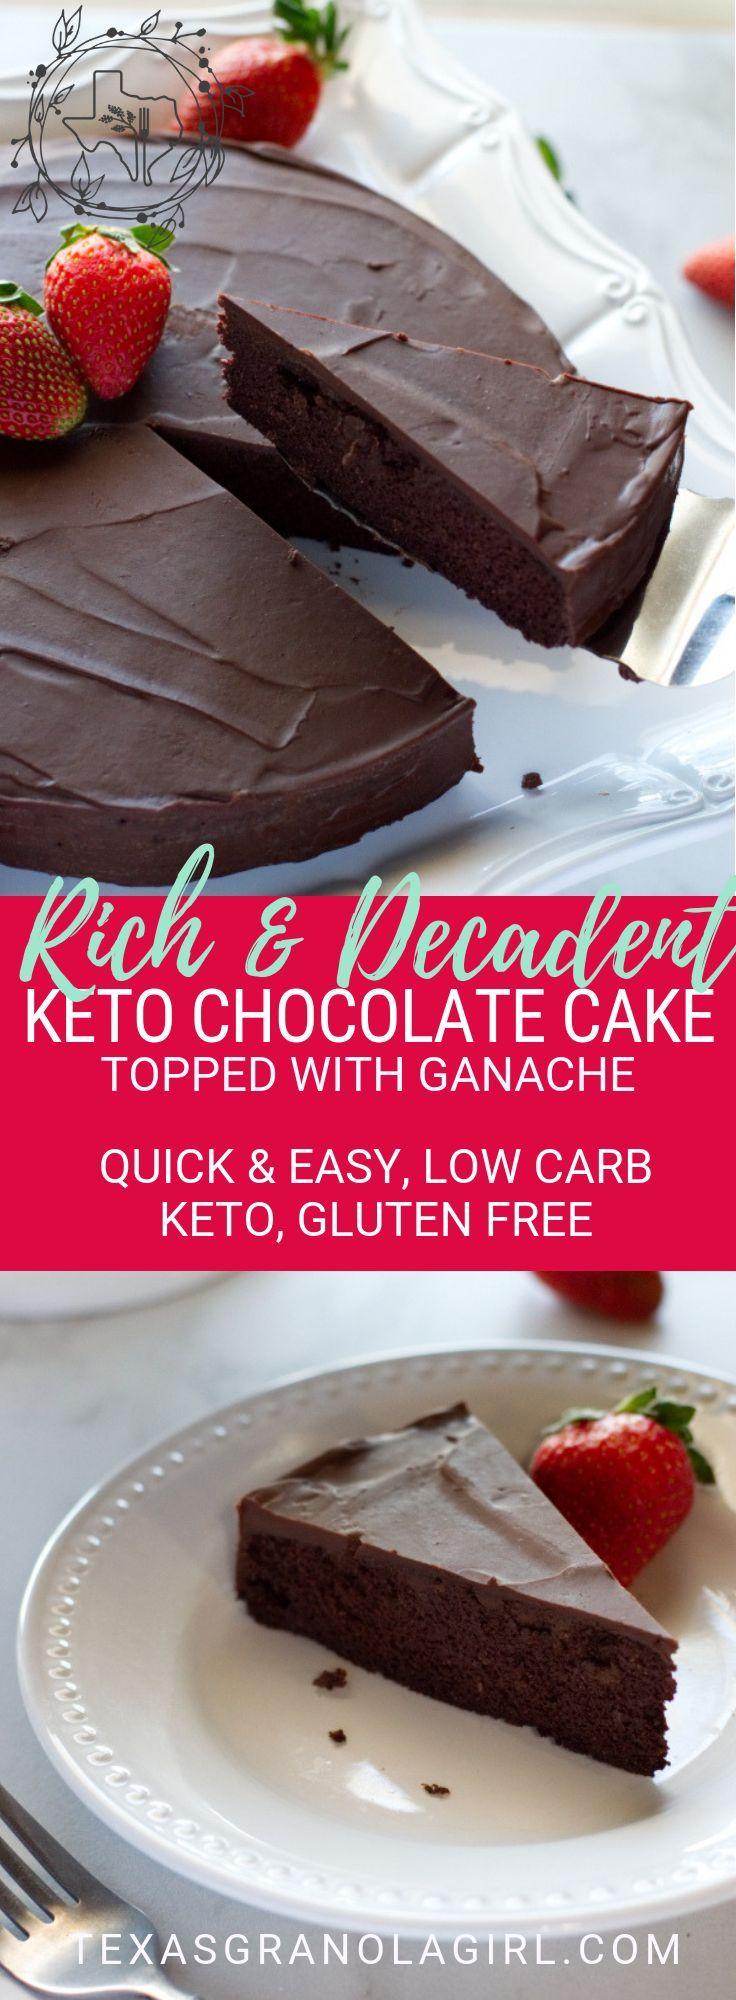 Keto-Schokoladenkuchen mit Ganache   – Low Carb Gebäck und Süßes